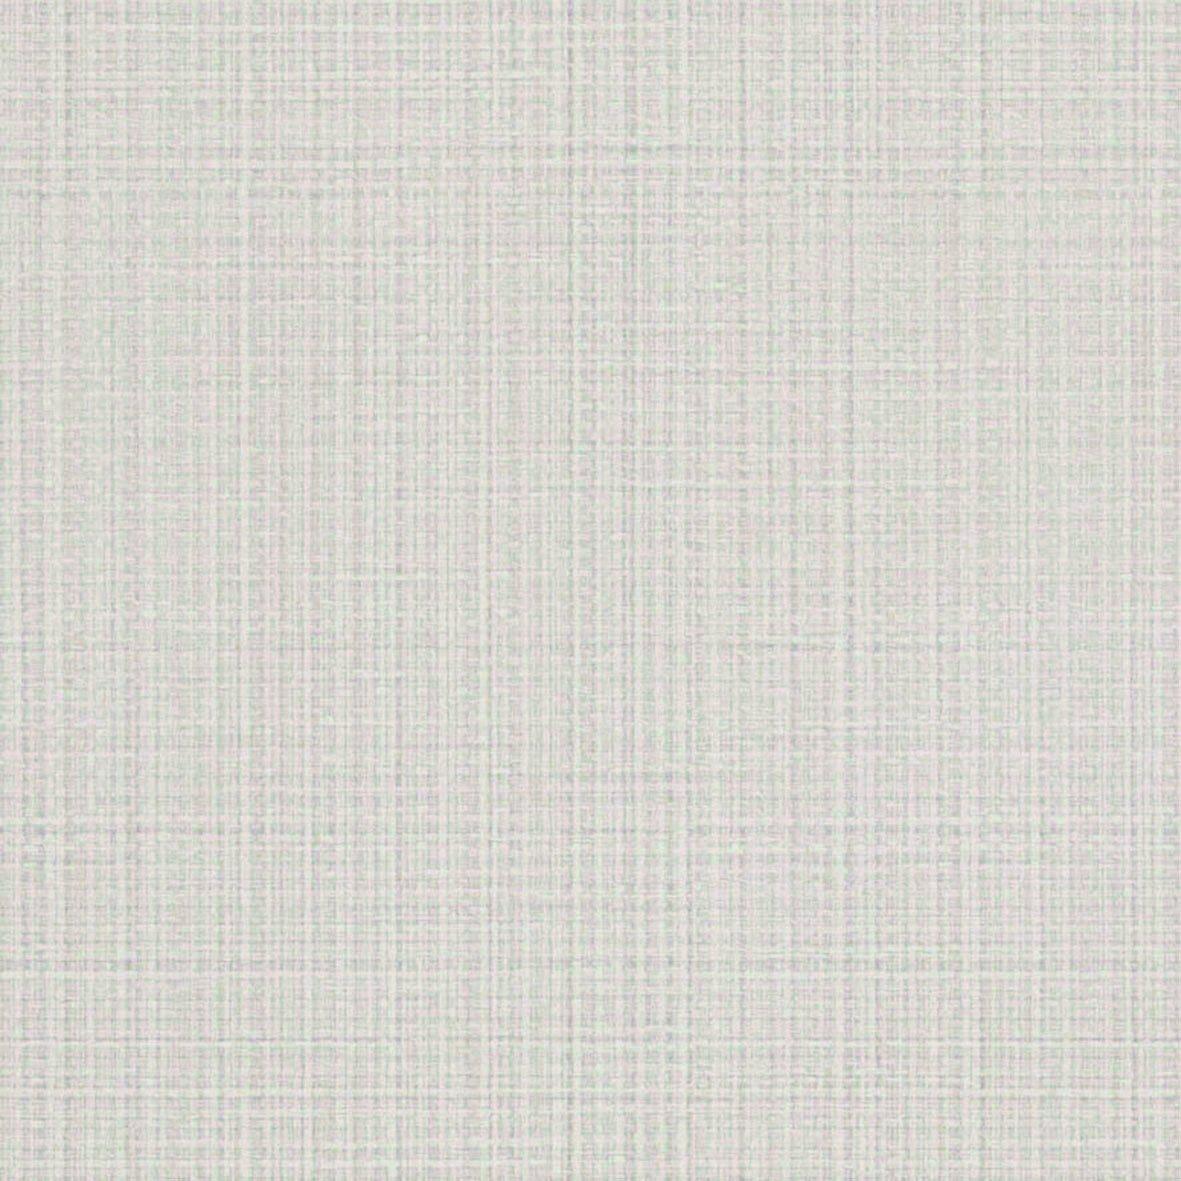 リリカラ 壁紙26m ナチュラル 織物調 グレー LL-8764 B01N3WCA0T 26m|グレー1